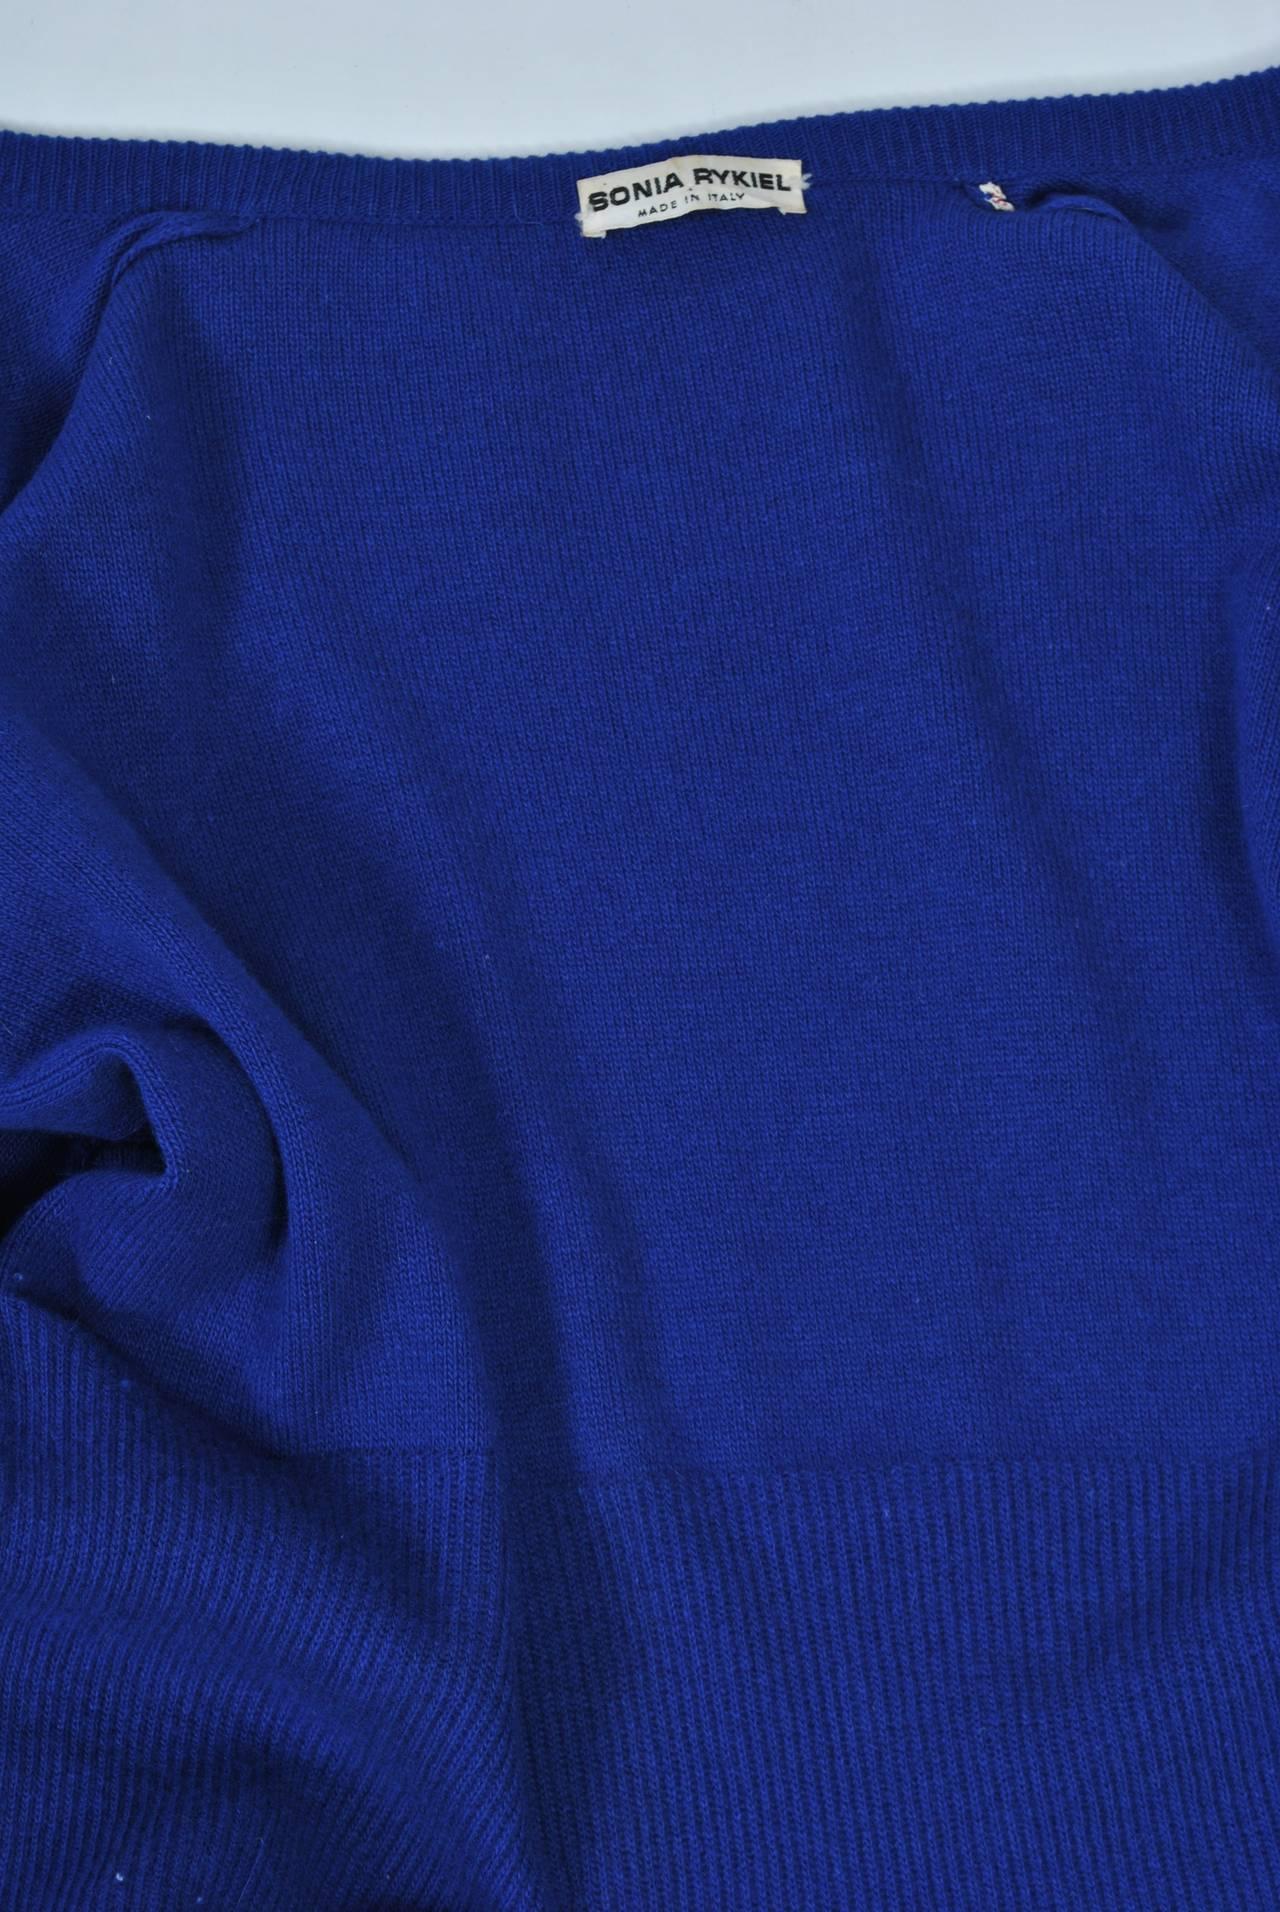 Sonia Rykiel Blue Sweater Coat For Sale 2